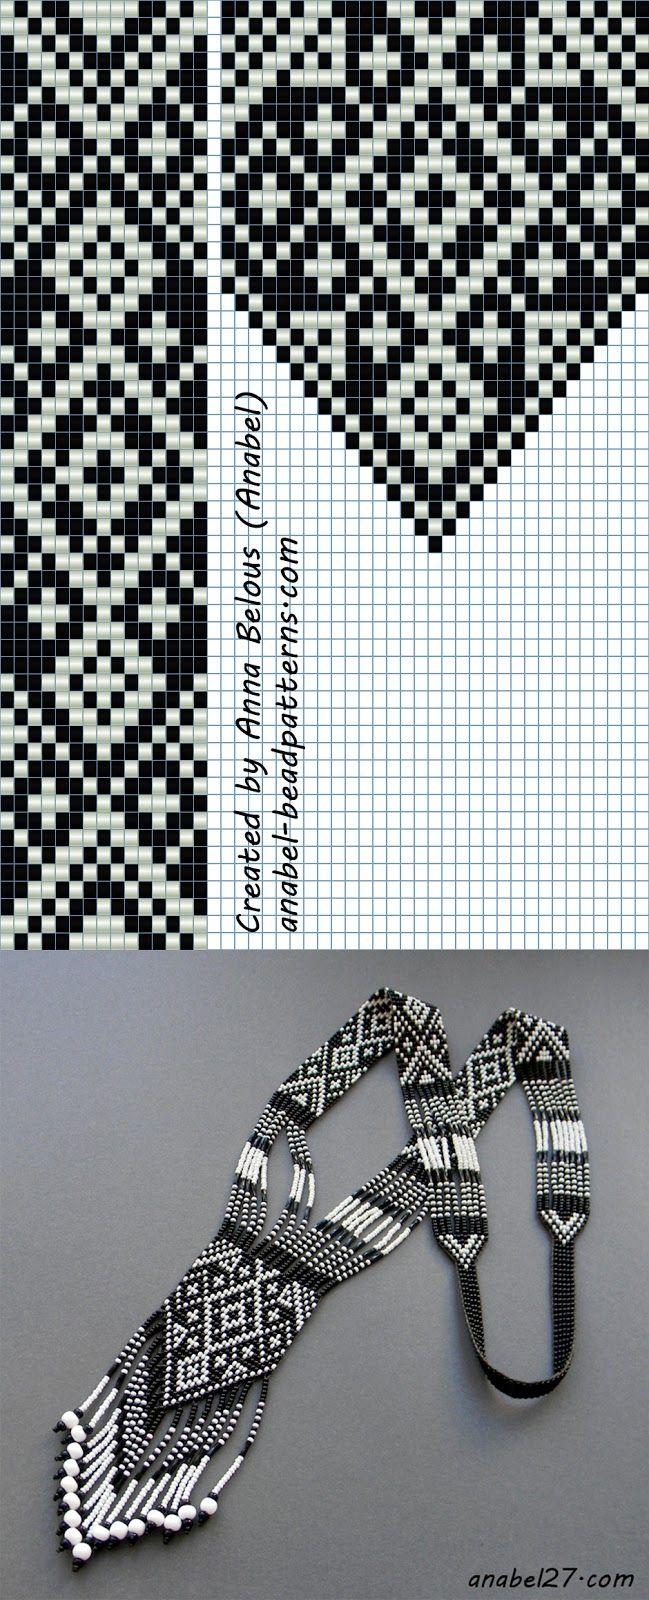 Схема черно-белого гердана   - Схемы для бисероплетения / Free bead patterns -